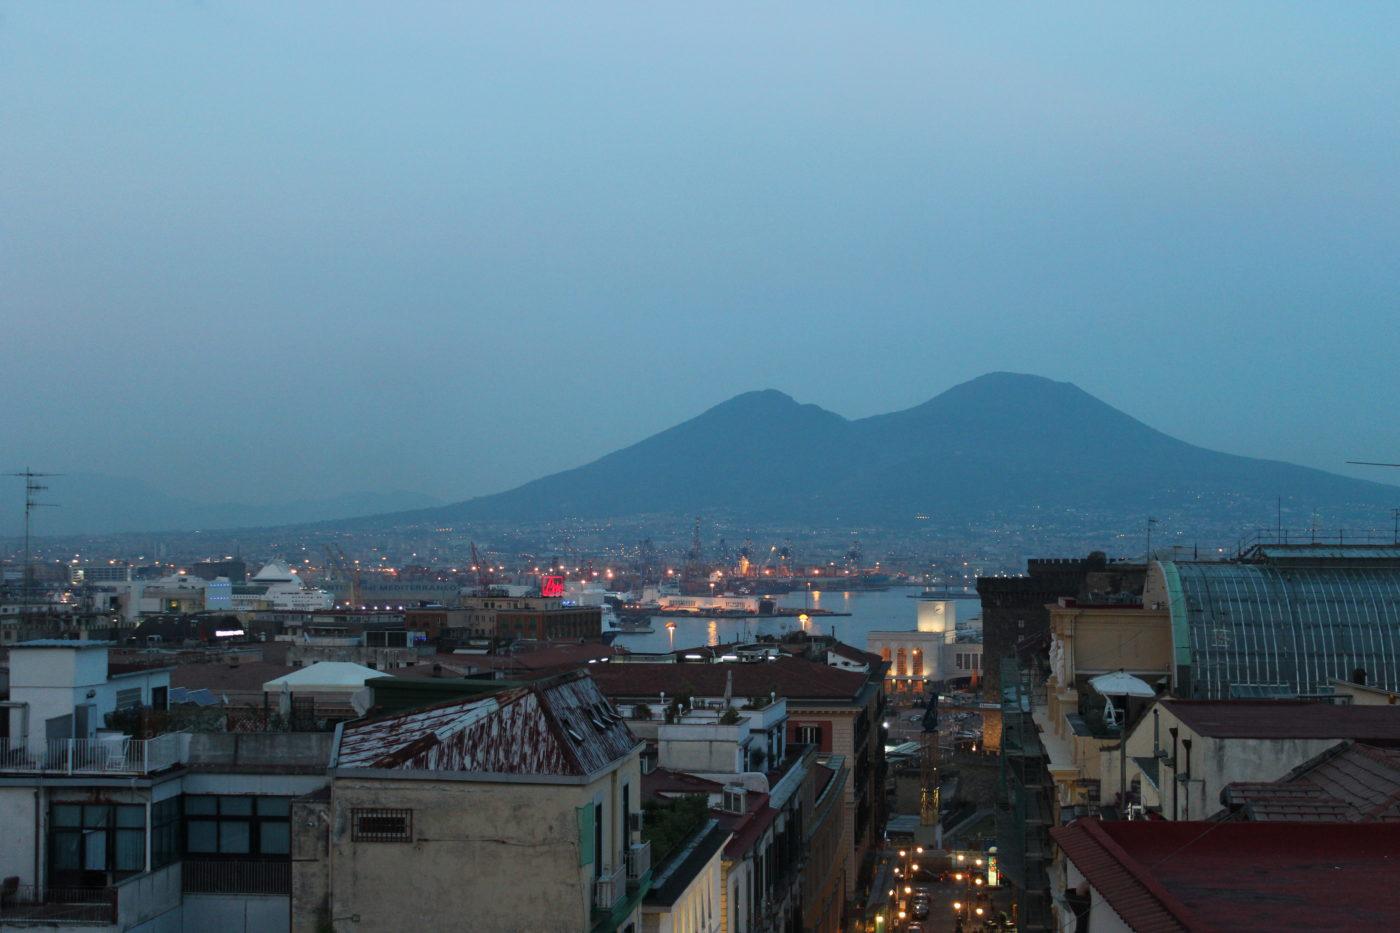 Vista di Napoli con vesuvio sullo sfondo